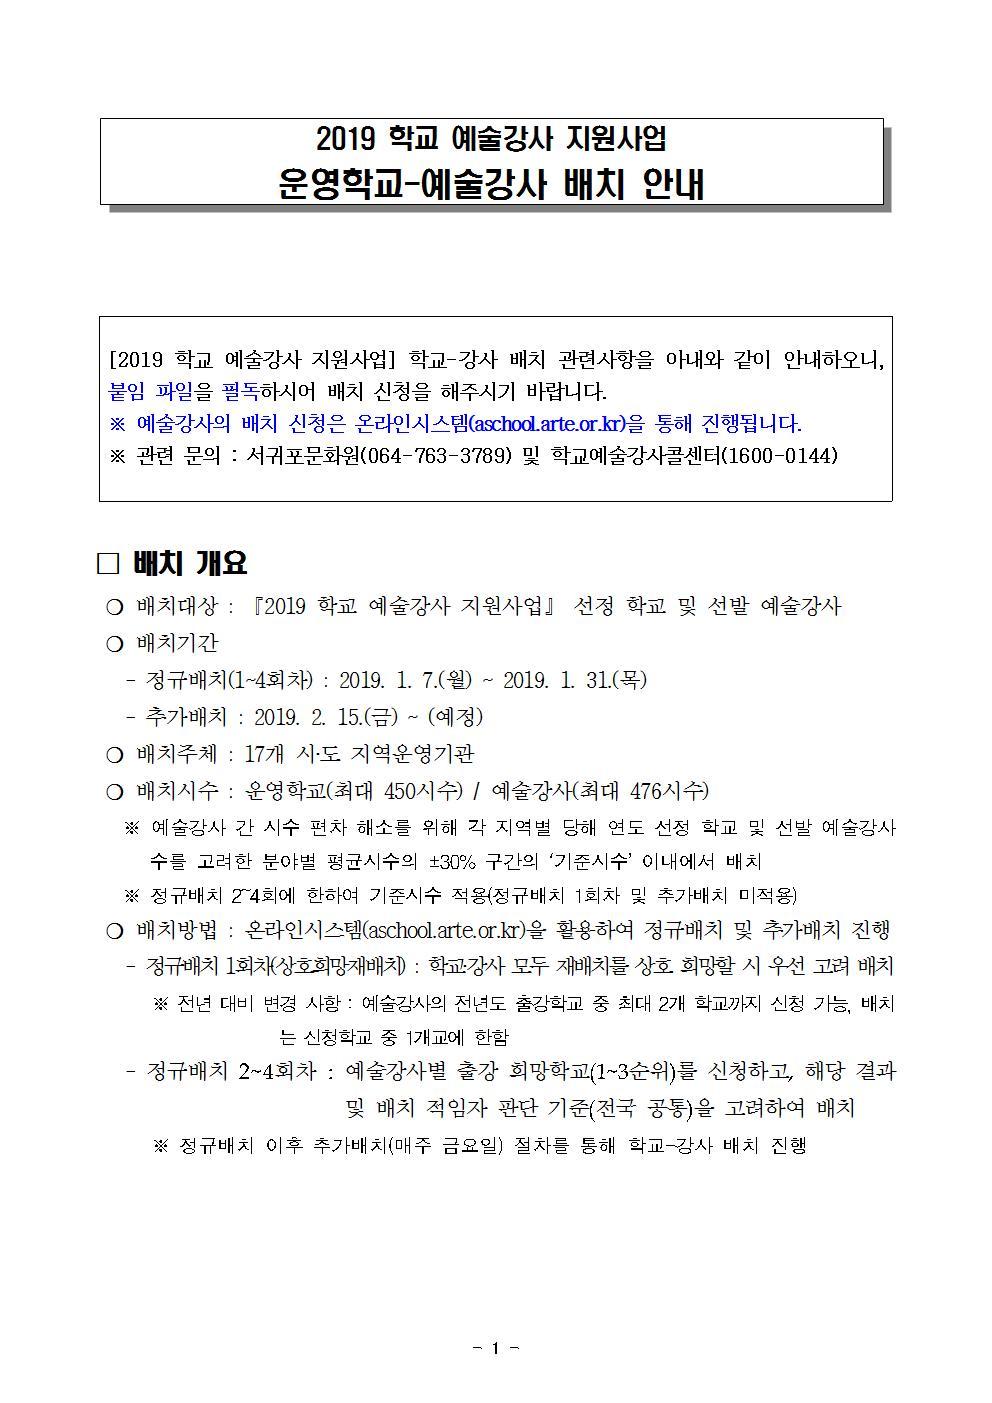 알림-190104-2019 운영학교-예술강사 배치 안내001.jpg